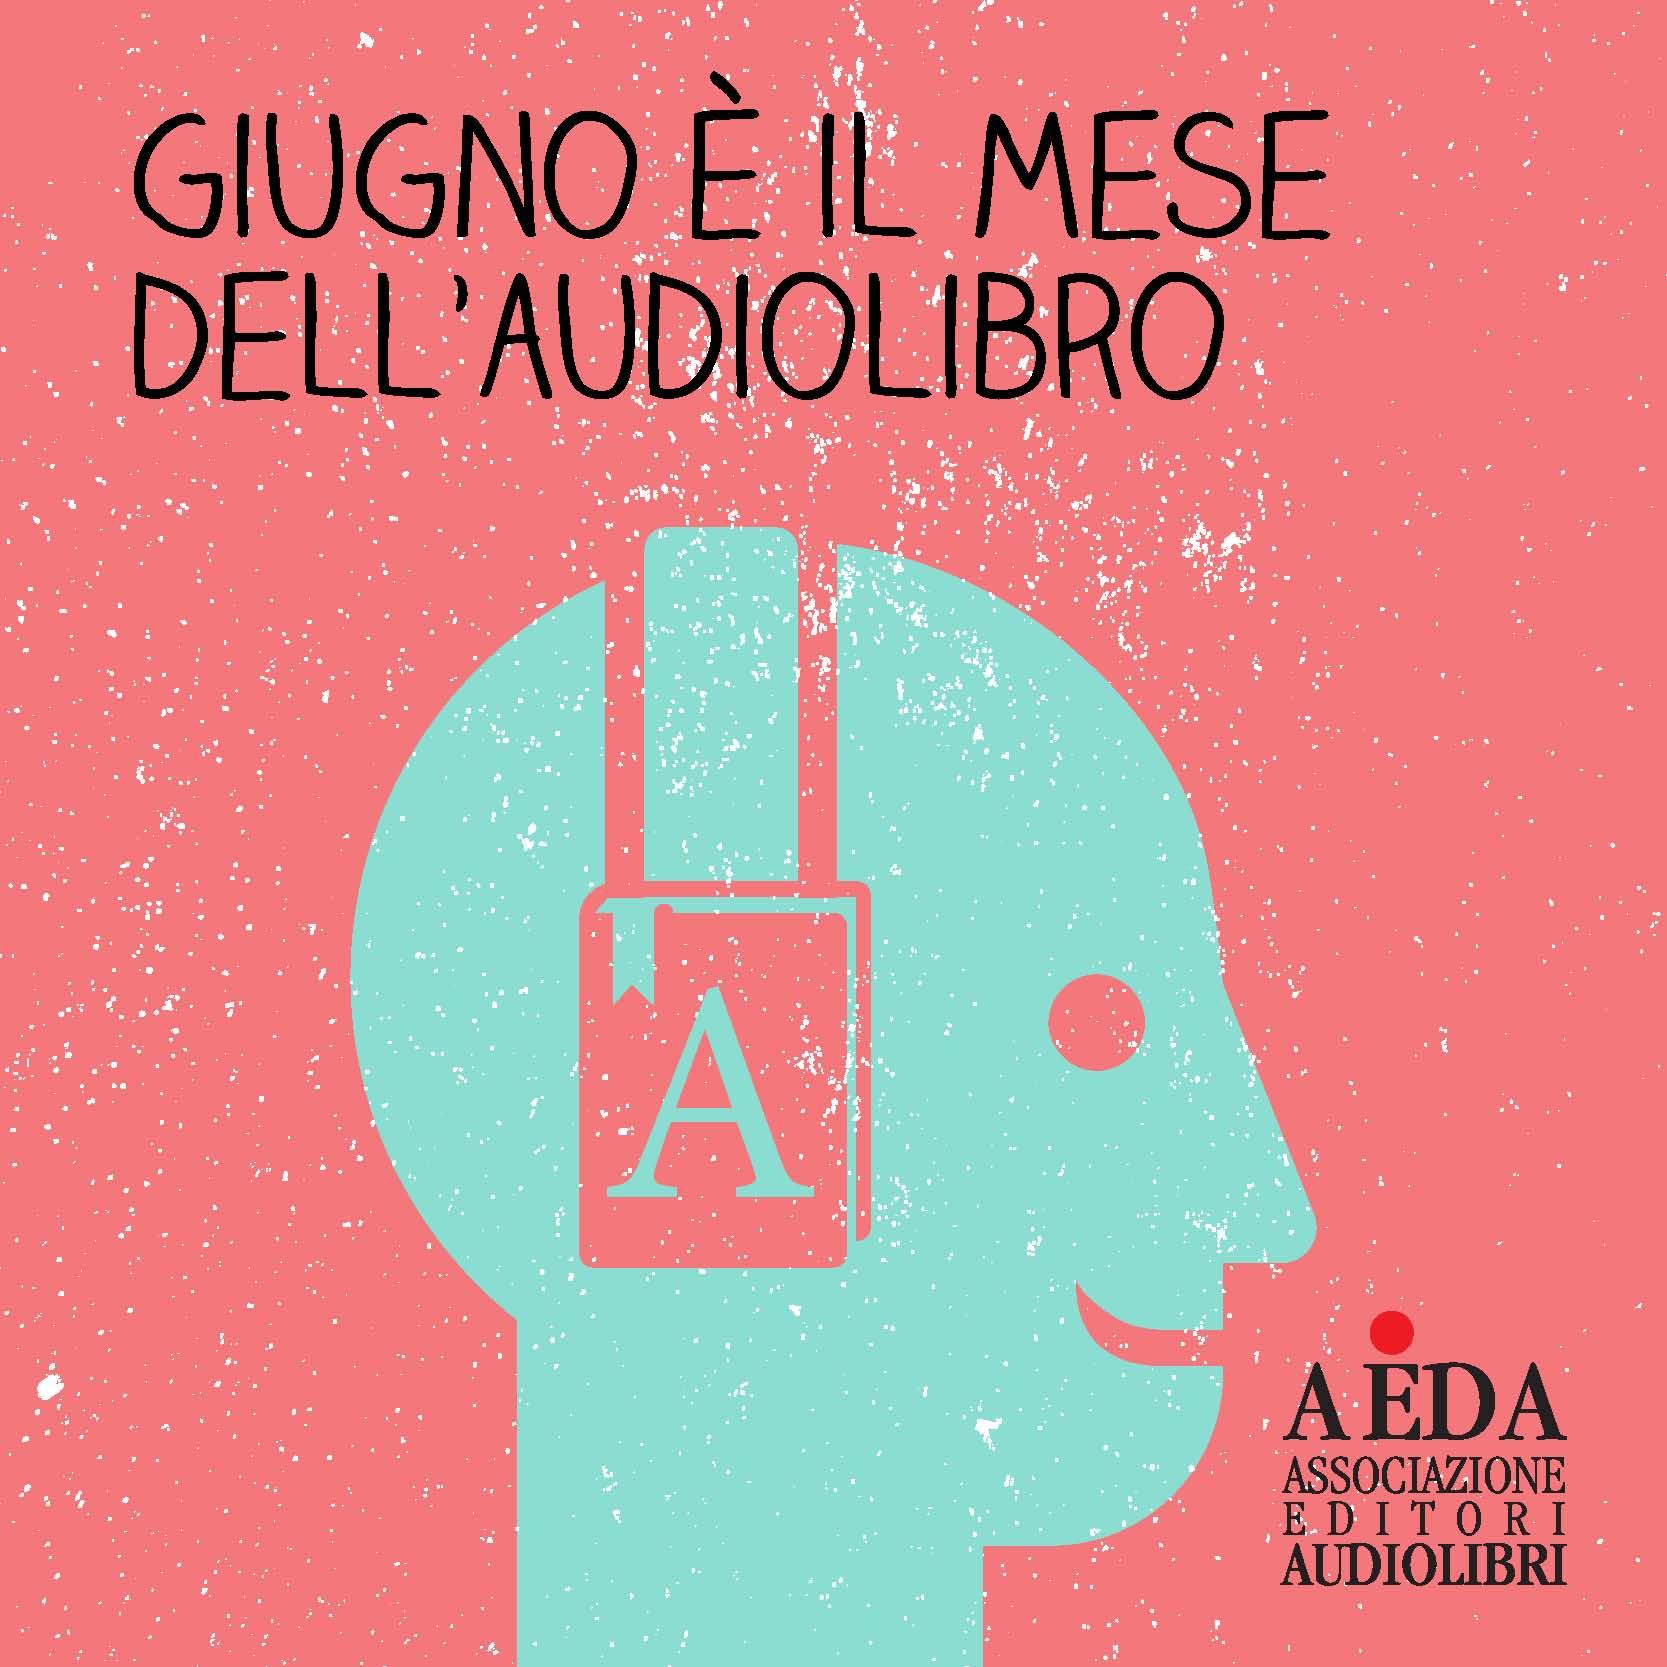 120611010642-AEDA_giugno_mese_audiolibro